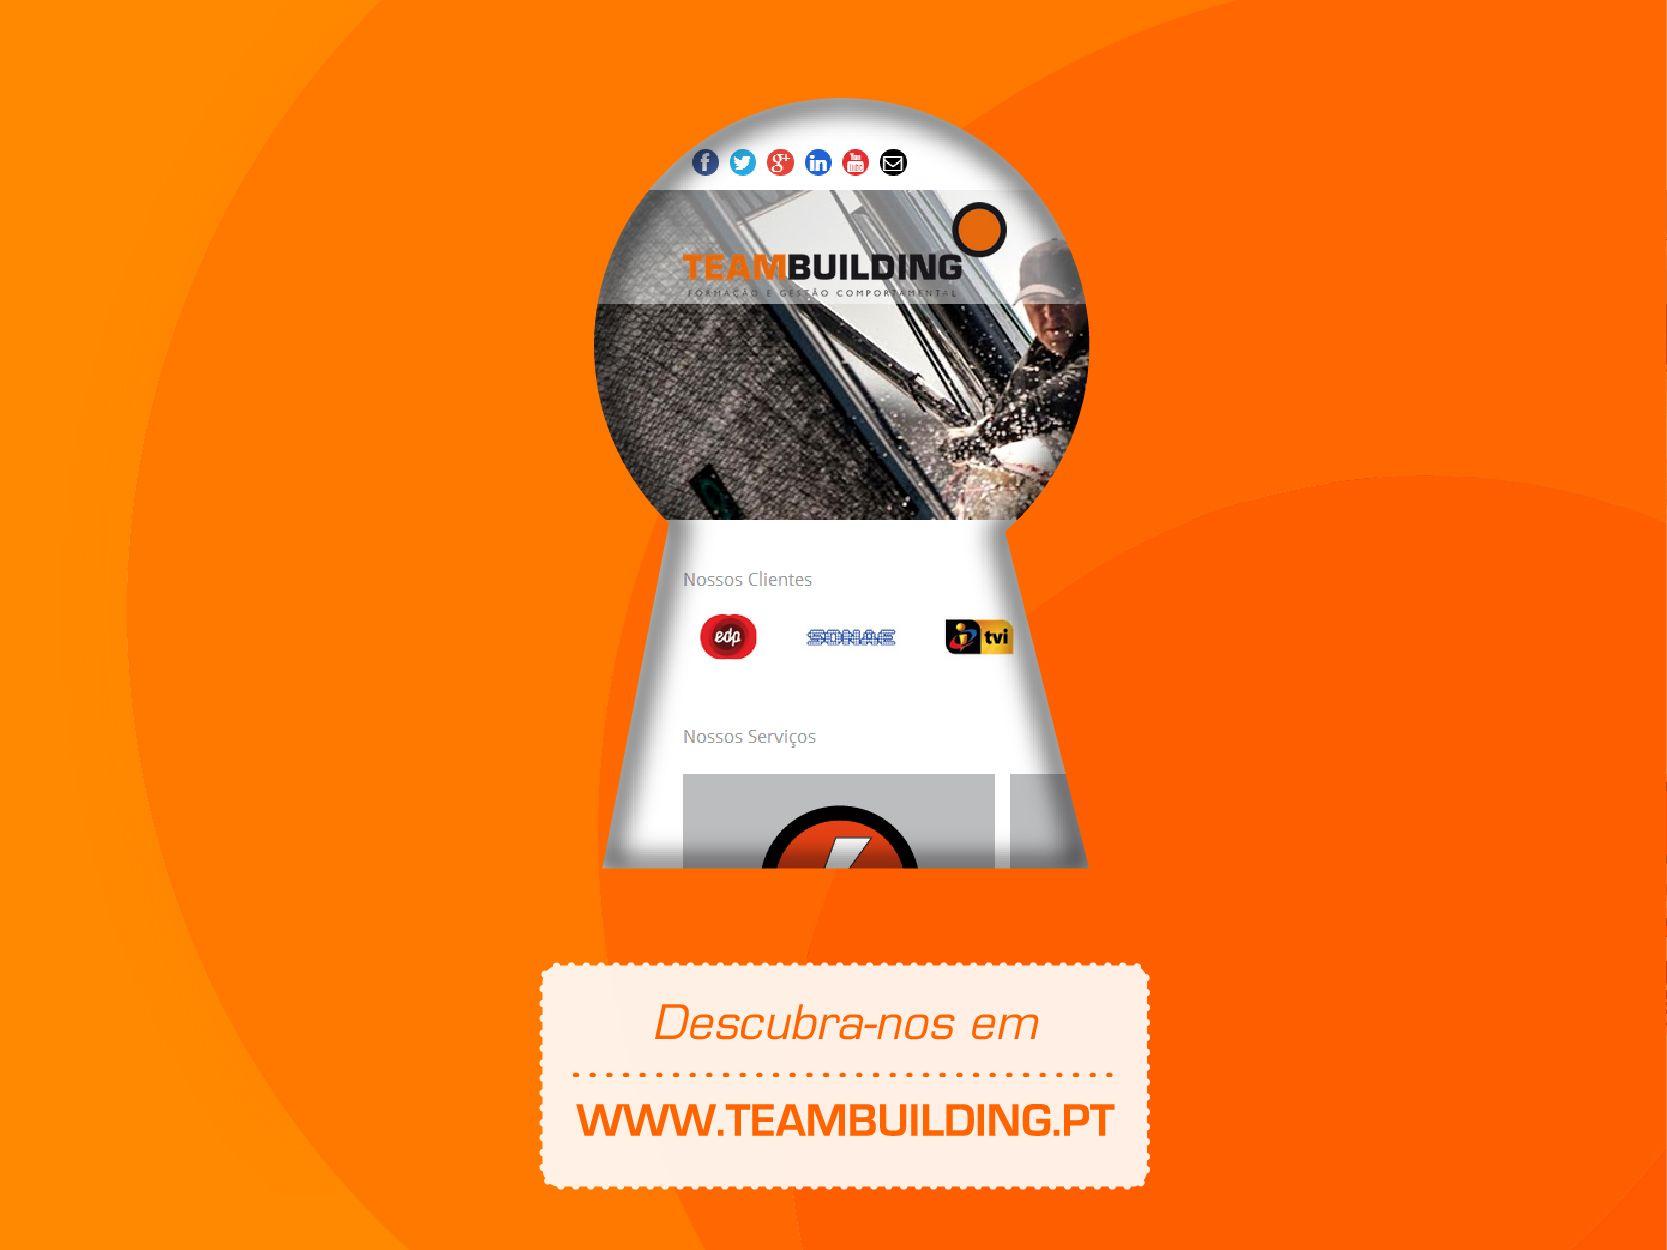 Já conhece o nosso novo site? Surpreenda-se! Descubra-nos em www.teambuilding.pt